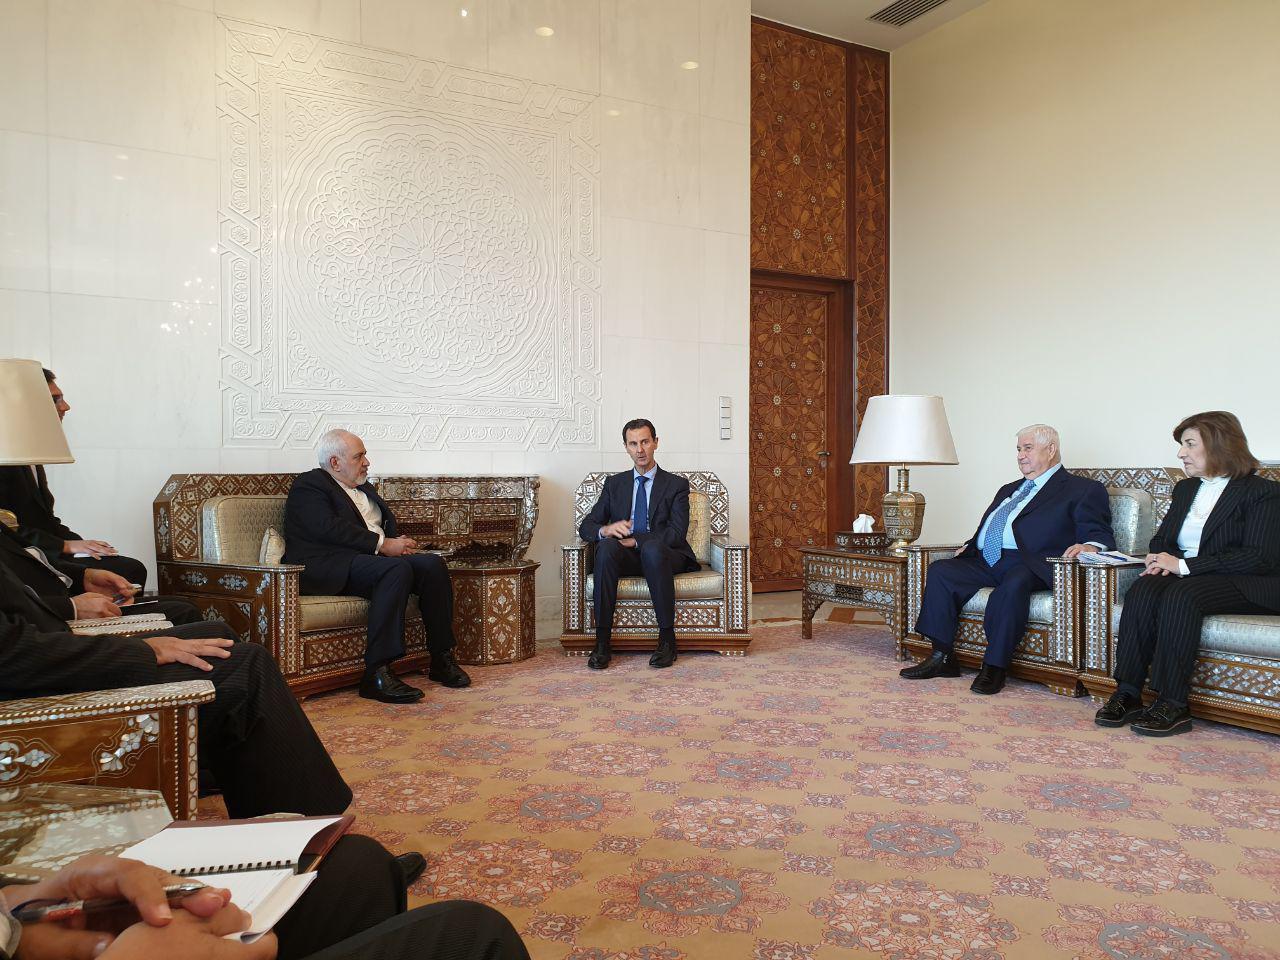 دیدار ظریف و بشار اسد در دمشق (عکس)